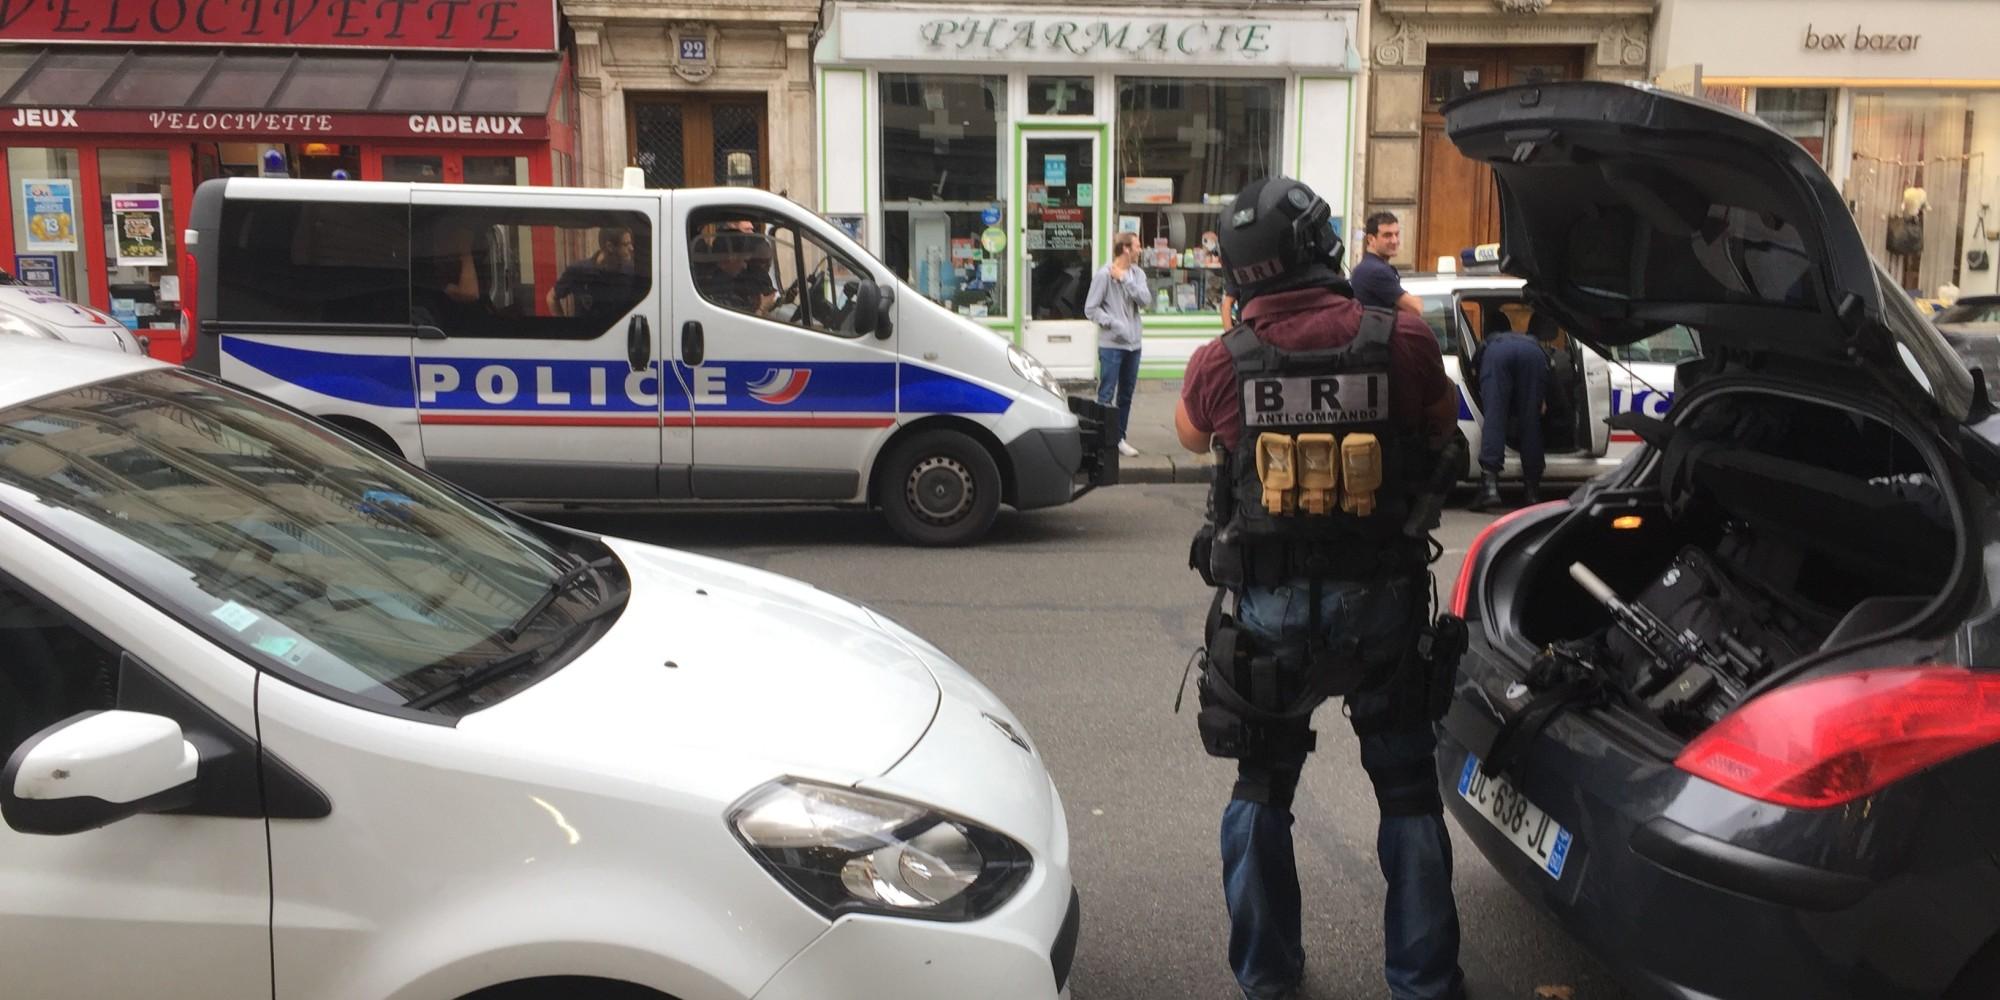 Attentat Facebook: Les Images De L'intervention De La Police Pendant La